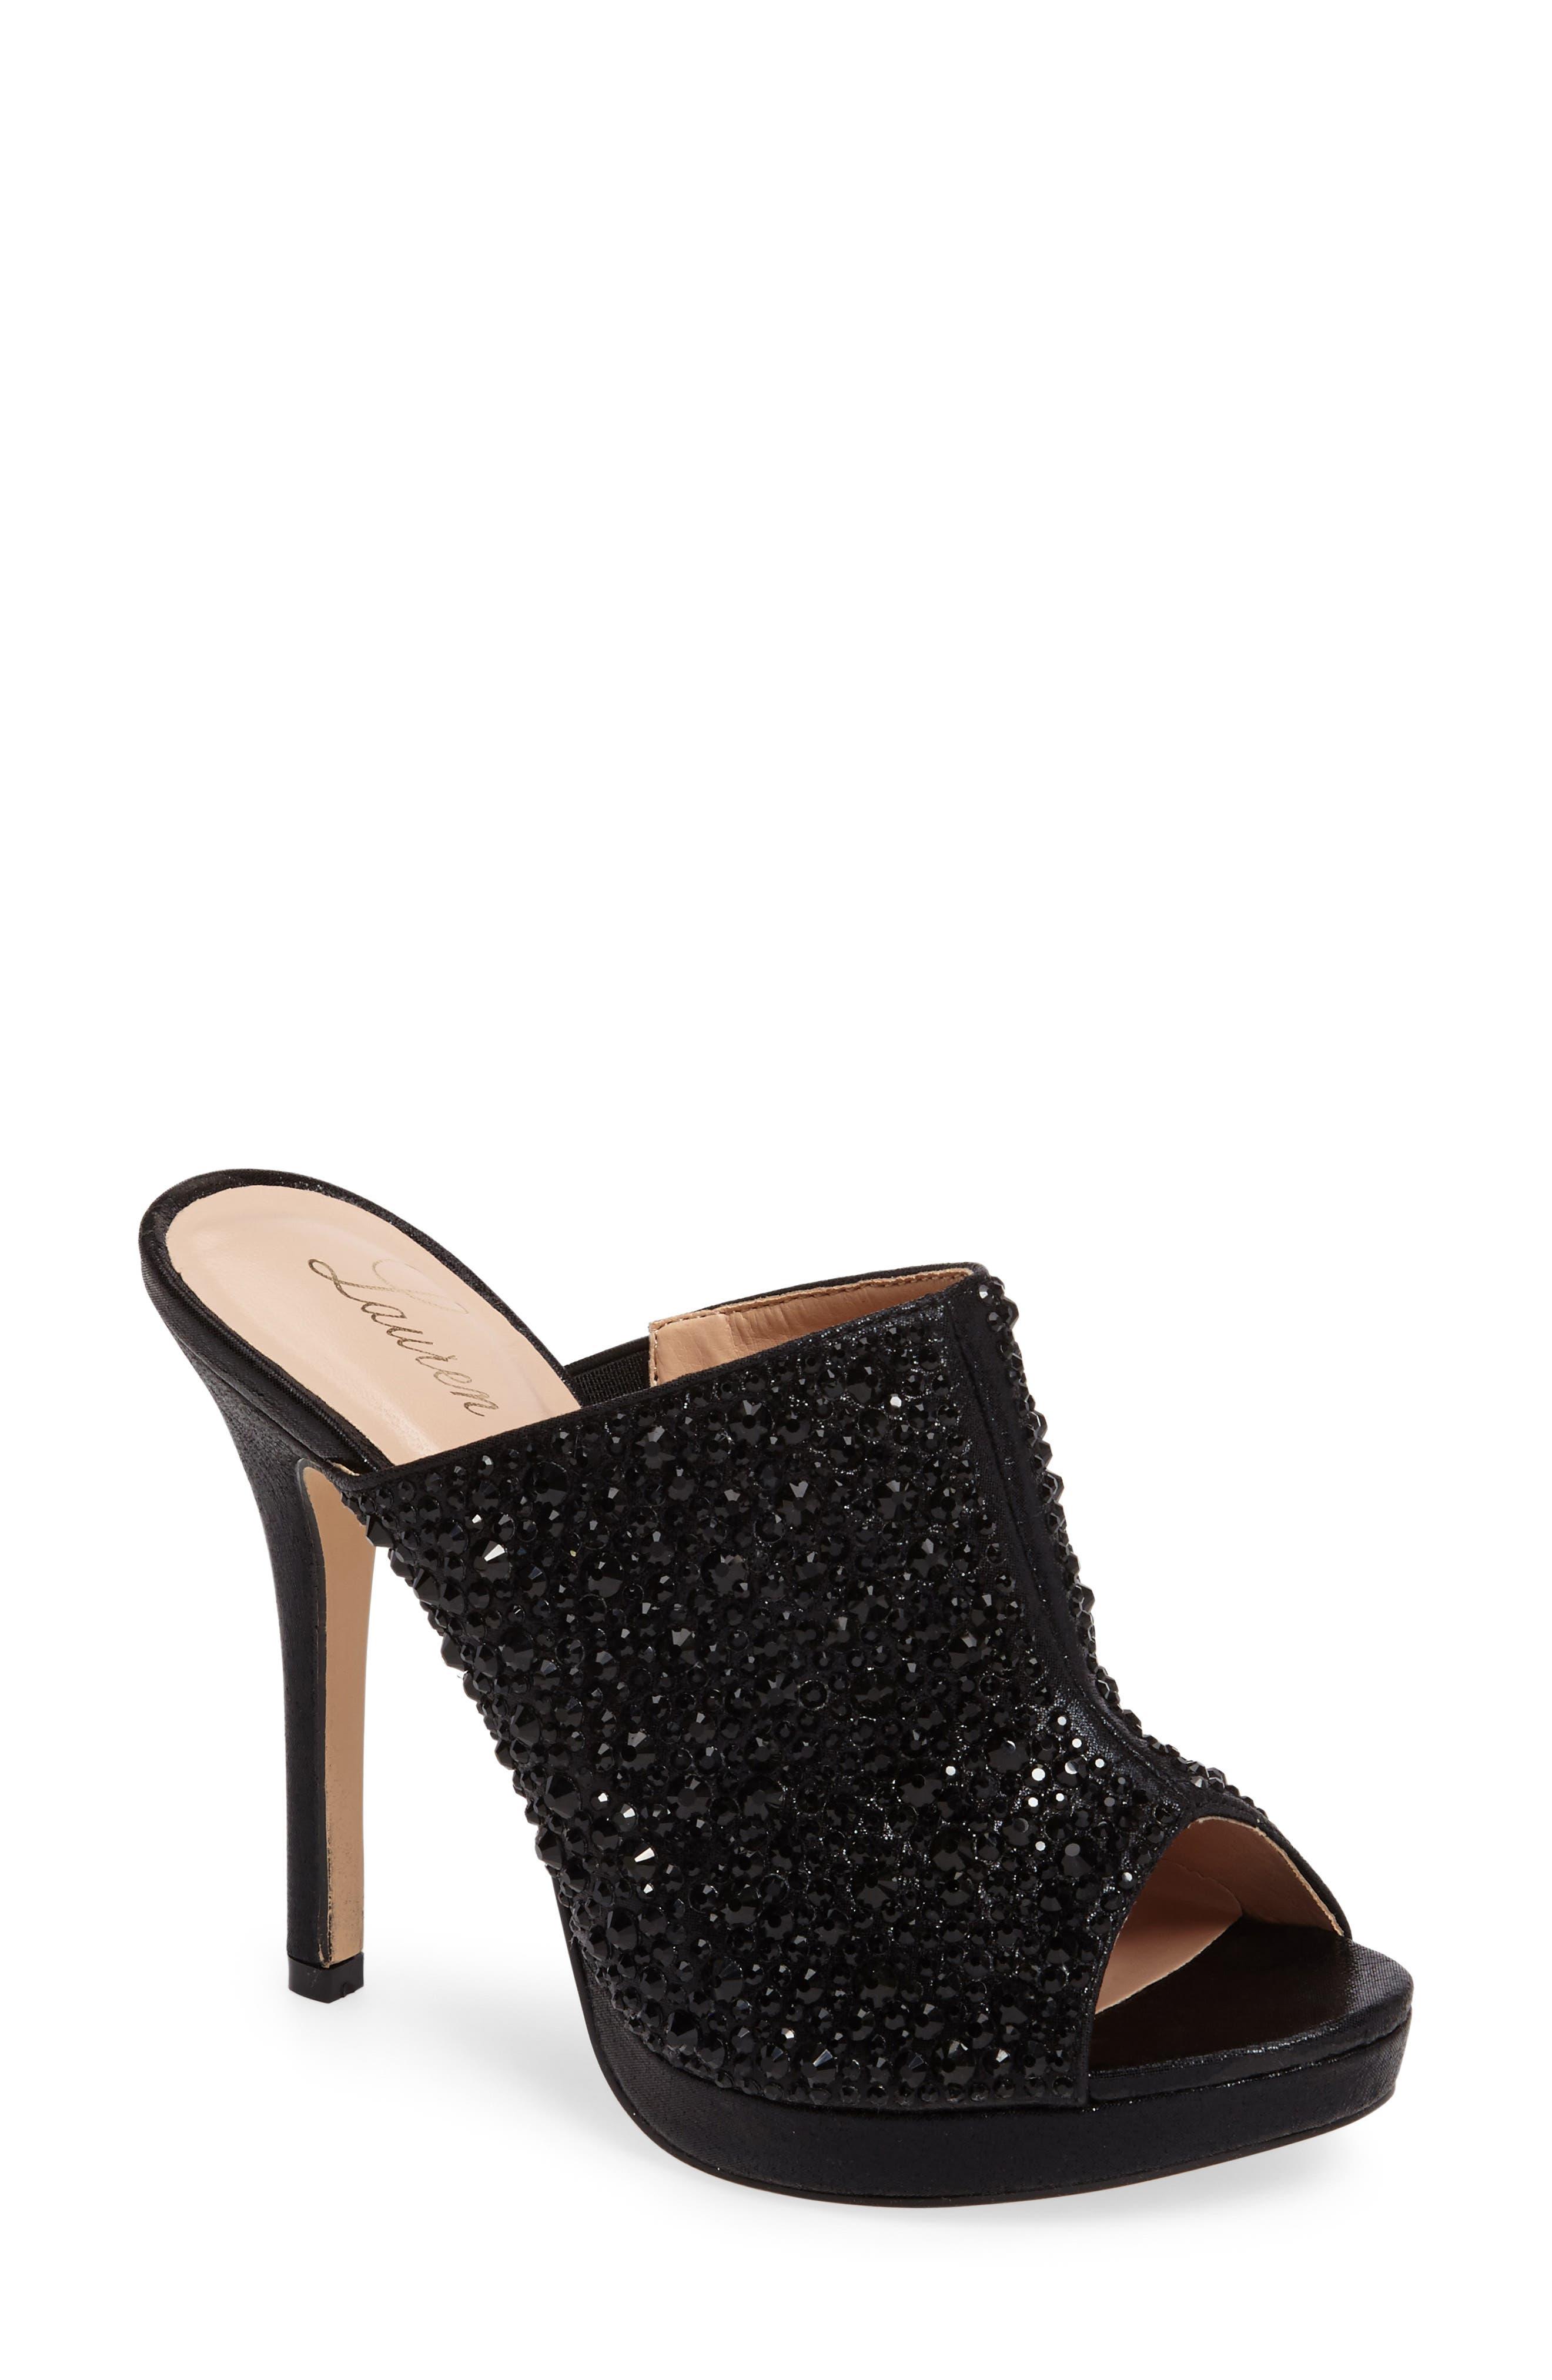 LAUREN LORRAINE Mimi Embellished Slide Sandal, Main, color, 001